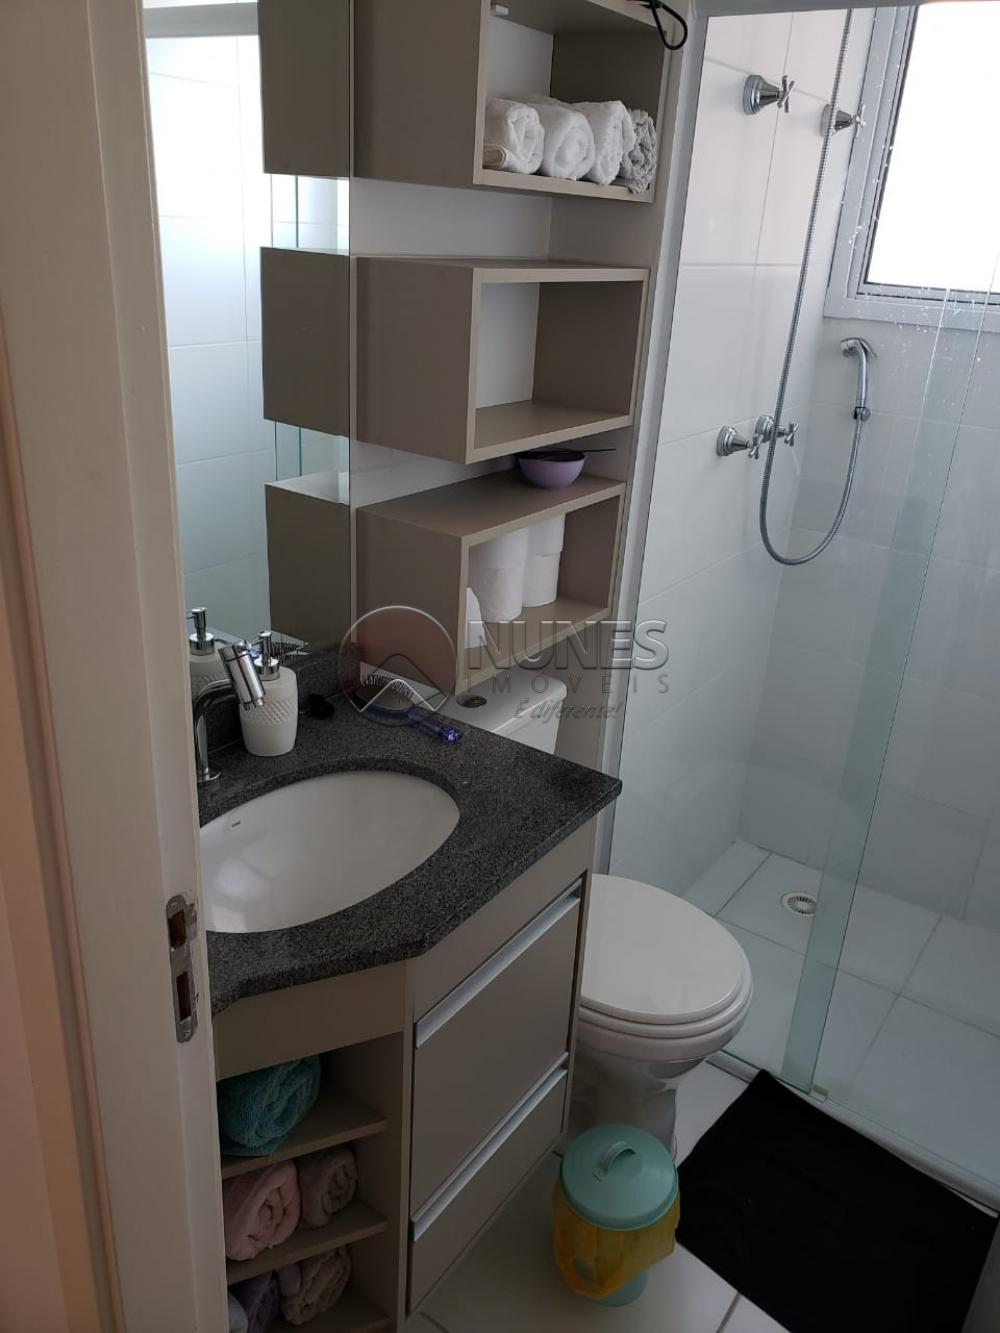 Comprar Apartamento / Padrão em Osasco apenas R$ 275.000,00 - Foto 19